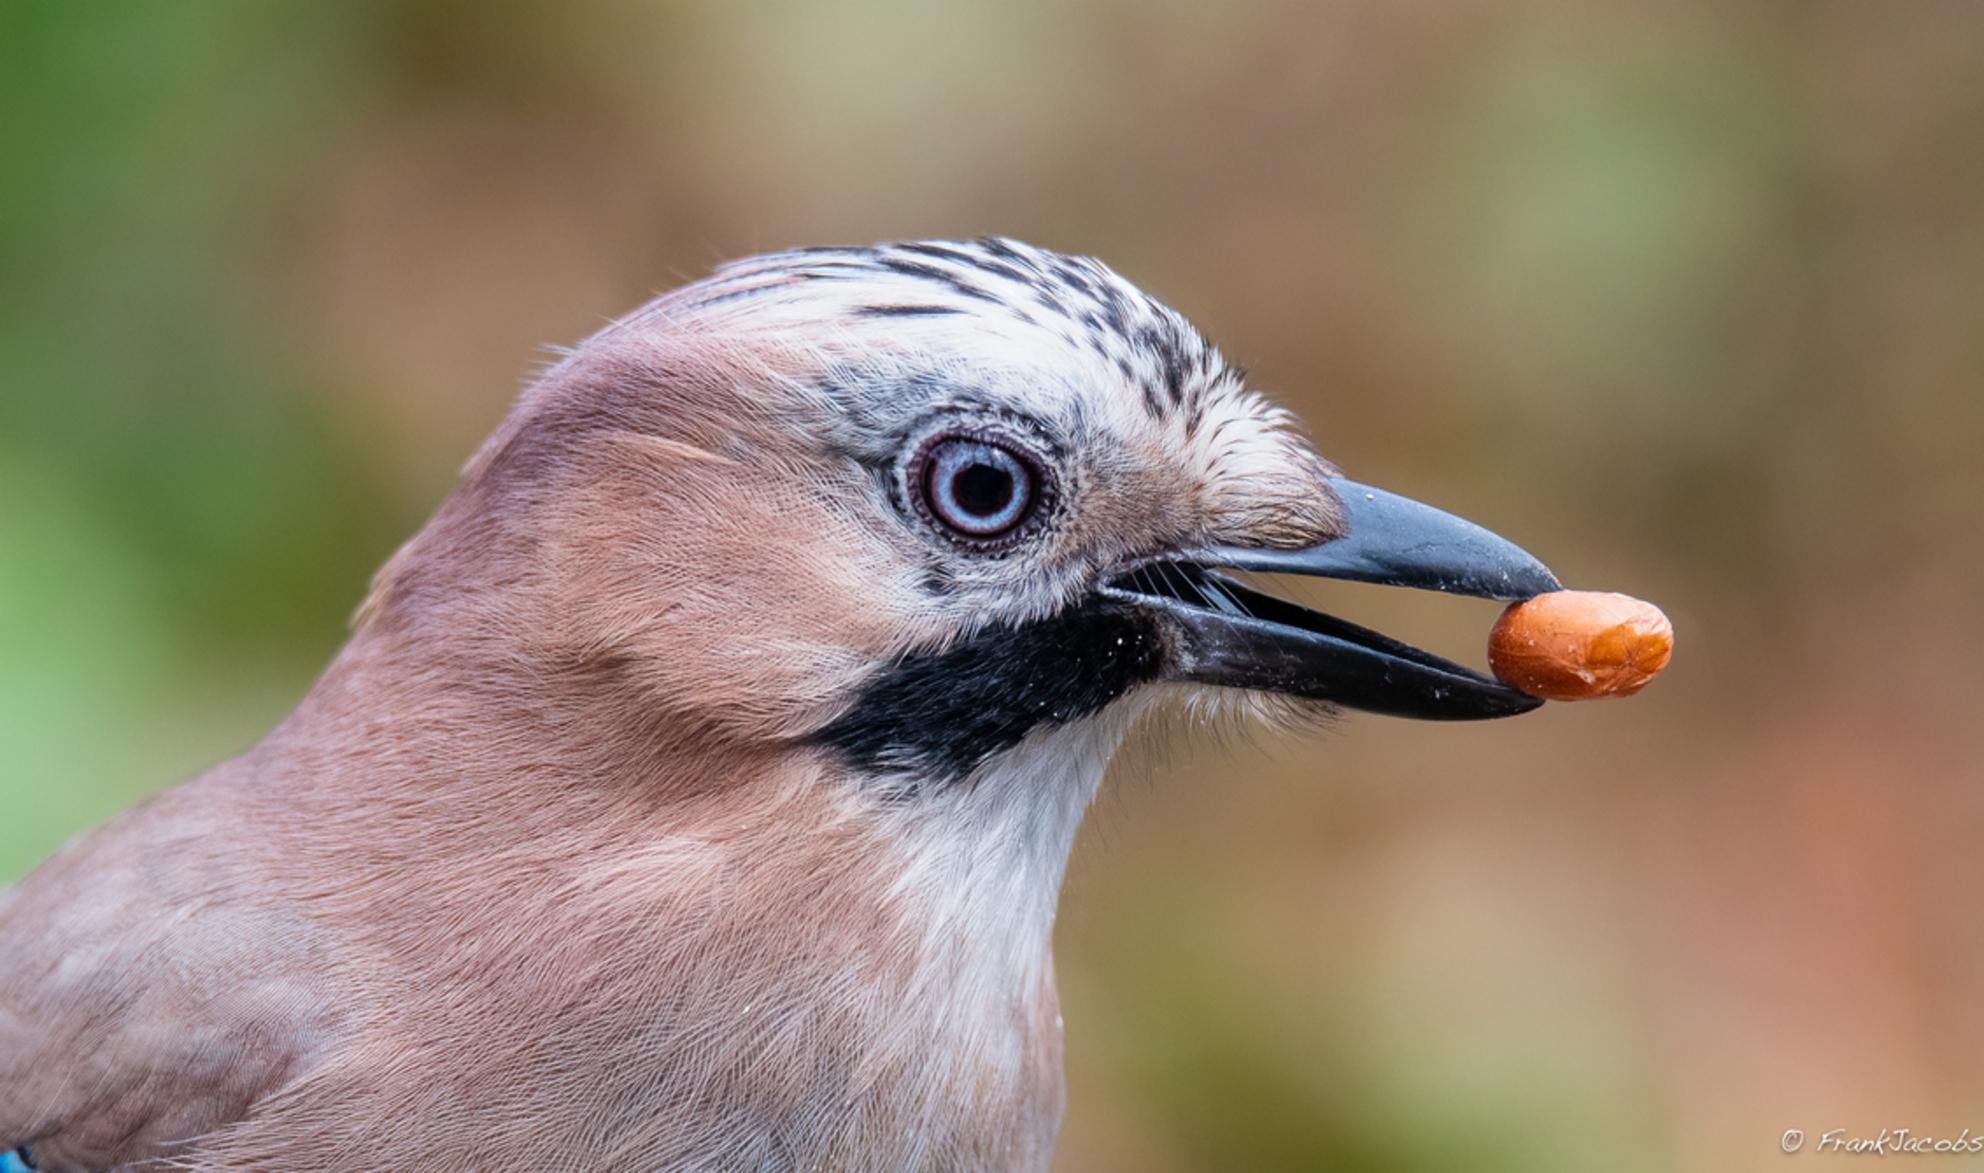 Notenkraker - - - foto door frankjacobs op 02-05-2018 - deze foto bevat: natuur, dieren, vogel, nikon, gaai, noot, frank jacobs, jacobsfrank, nikon d500 - Deze foto mag gebruikt worden in een Zoom.nl publicatie